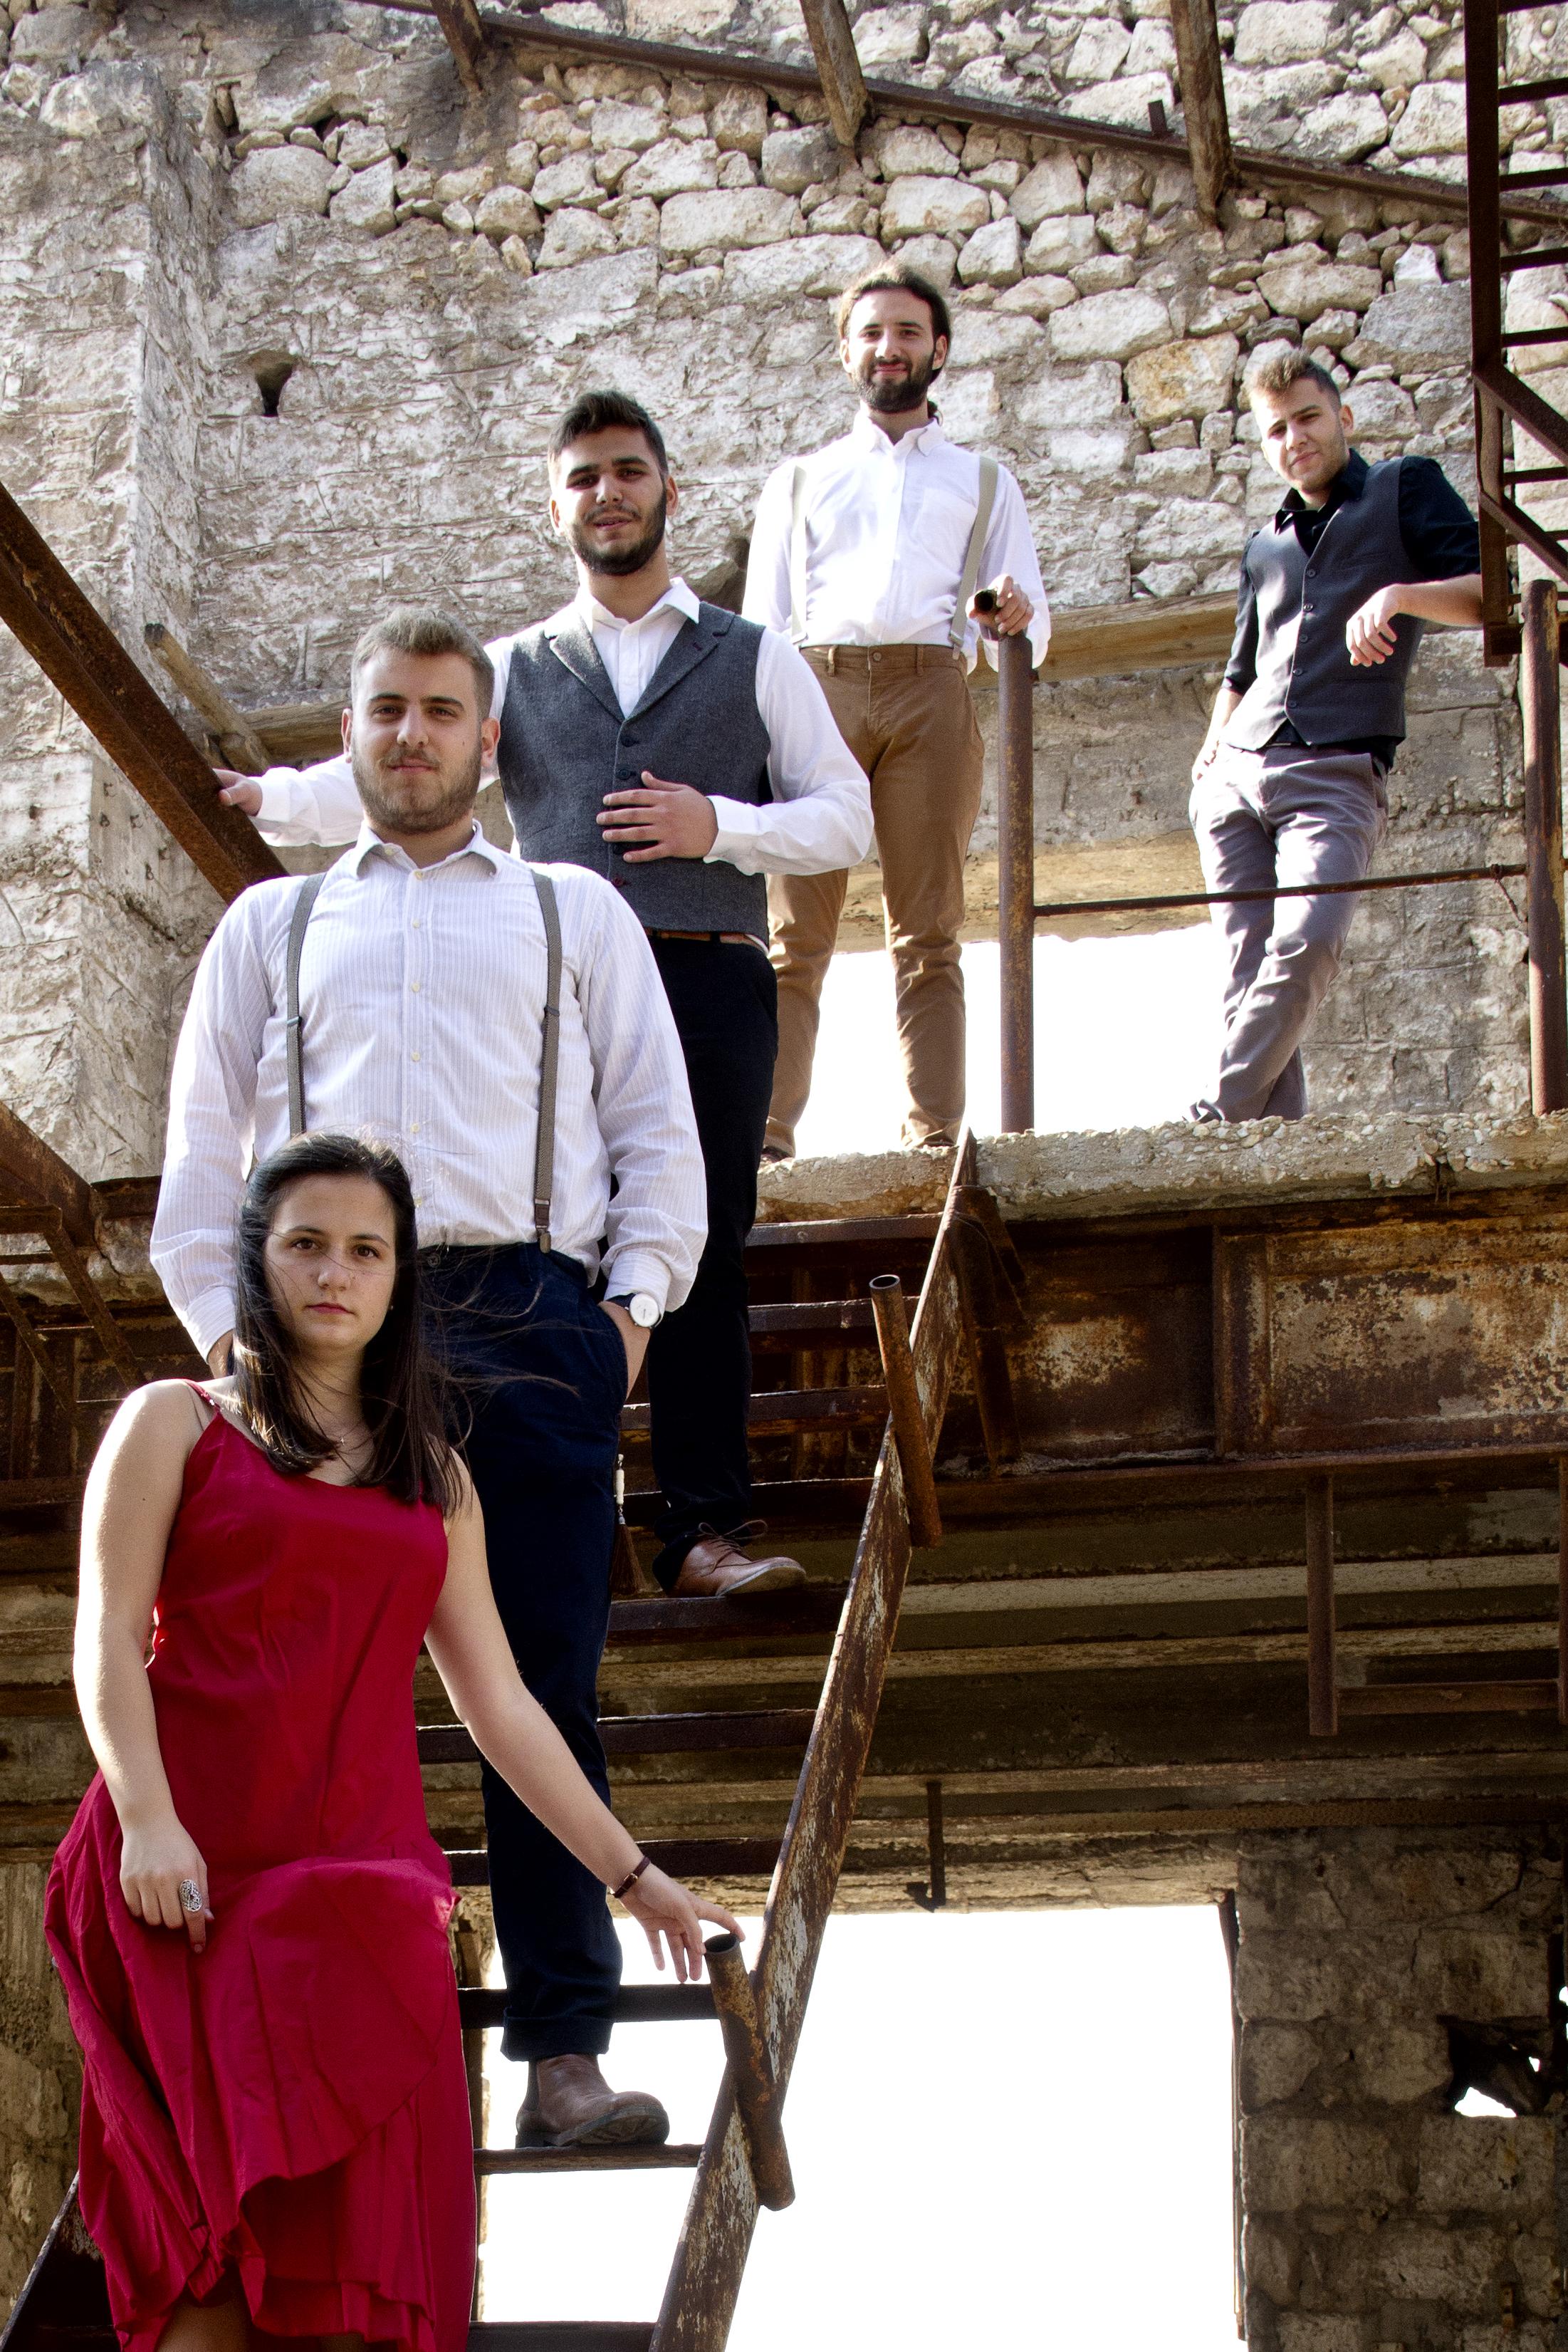 Το Σχήμα - Πέντε ήχοι, πέντε άνθρωποι, πέντε προσωπικότητες. Με μια κοινή συνιστώσα. Την ανάγκη για έκφραση, πειραματισμό, σύνθεση και μουσική συνύπαρξη στον χώρο της λαϊκής κουλτούρας και της ζώσας παράδοσης των Ελλήνων.Η μπάντα συστάθηκε και συστήθηκε στο αθηναϊκό κοινό στα τέλη του 2014 και απαριθμεί μέχρι τώρα δεκάδες συνεργασίες με πολιτιστικούς φορείς και μουσικά φεστιβάλ στην Αθήνα, την επαρχία αλλά και το εξωτερικό. Η εκτενής μελέτη της πλειονότητας των μουσικών ηχοχρωμάτων ανά την Ελλάδα αποτελεί μία διαρκή αναζήτηση για το σχήμα, με αποκορύφωμα την έμπνευση για σύνθεση.Ως αποτέλεσμα αυτών, έρχεται η δημιουργία ενός προσωπικού ύφους το οποίο θα αποτελεί γνώρισμα και ιδίωμα του σχήματος προς το ευρύ κοινό.Αγγελική Παρδάλη ~ Σαντούρι , ΤραγούδιΧάρης Λύγκος ~ ΒιολίΠάνος Σκουτέρης ~ Πνευστά, ΤραγούδιΠαναγιώτης Σταθάκης ~ ΛαούτοΚώστας Καραμέσιος ~ Κρουστά